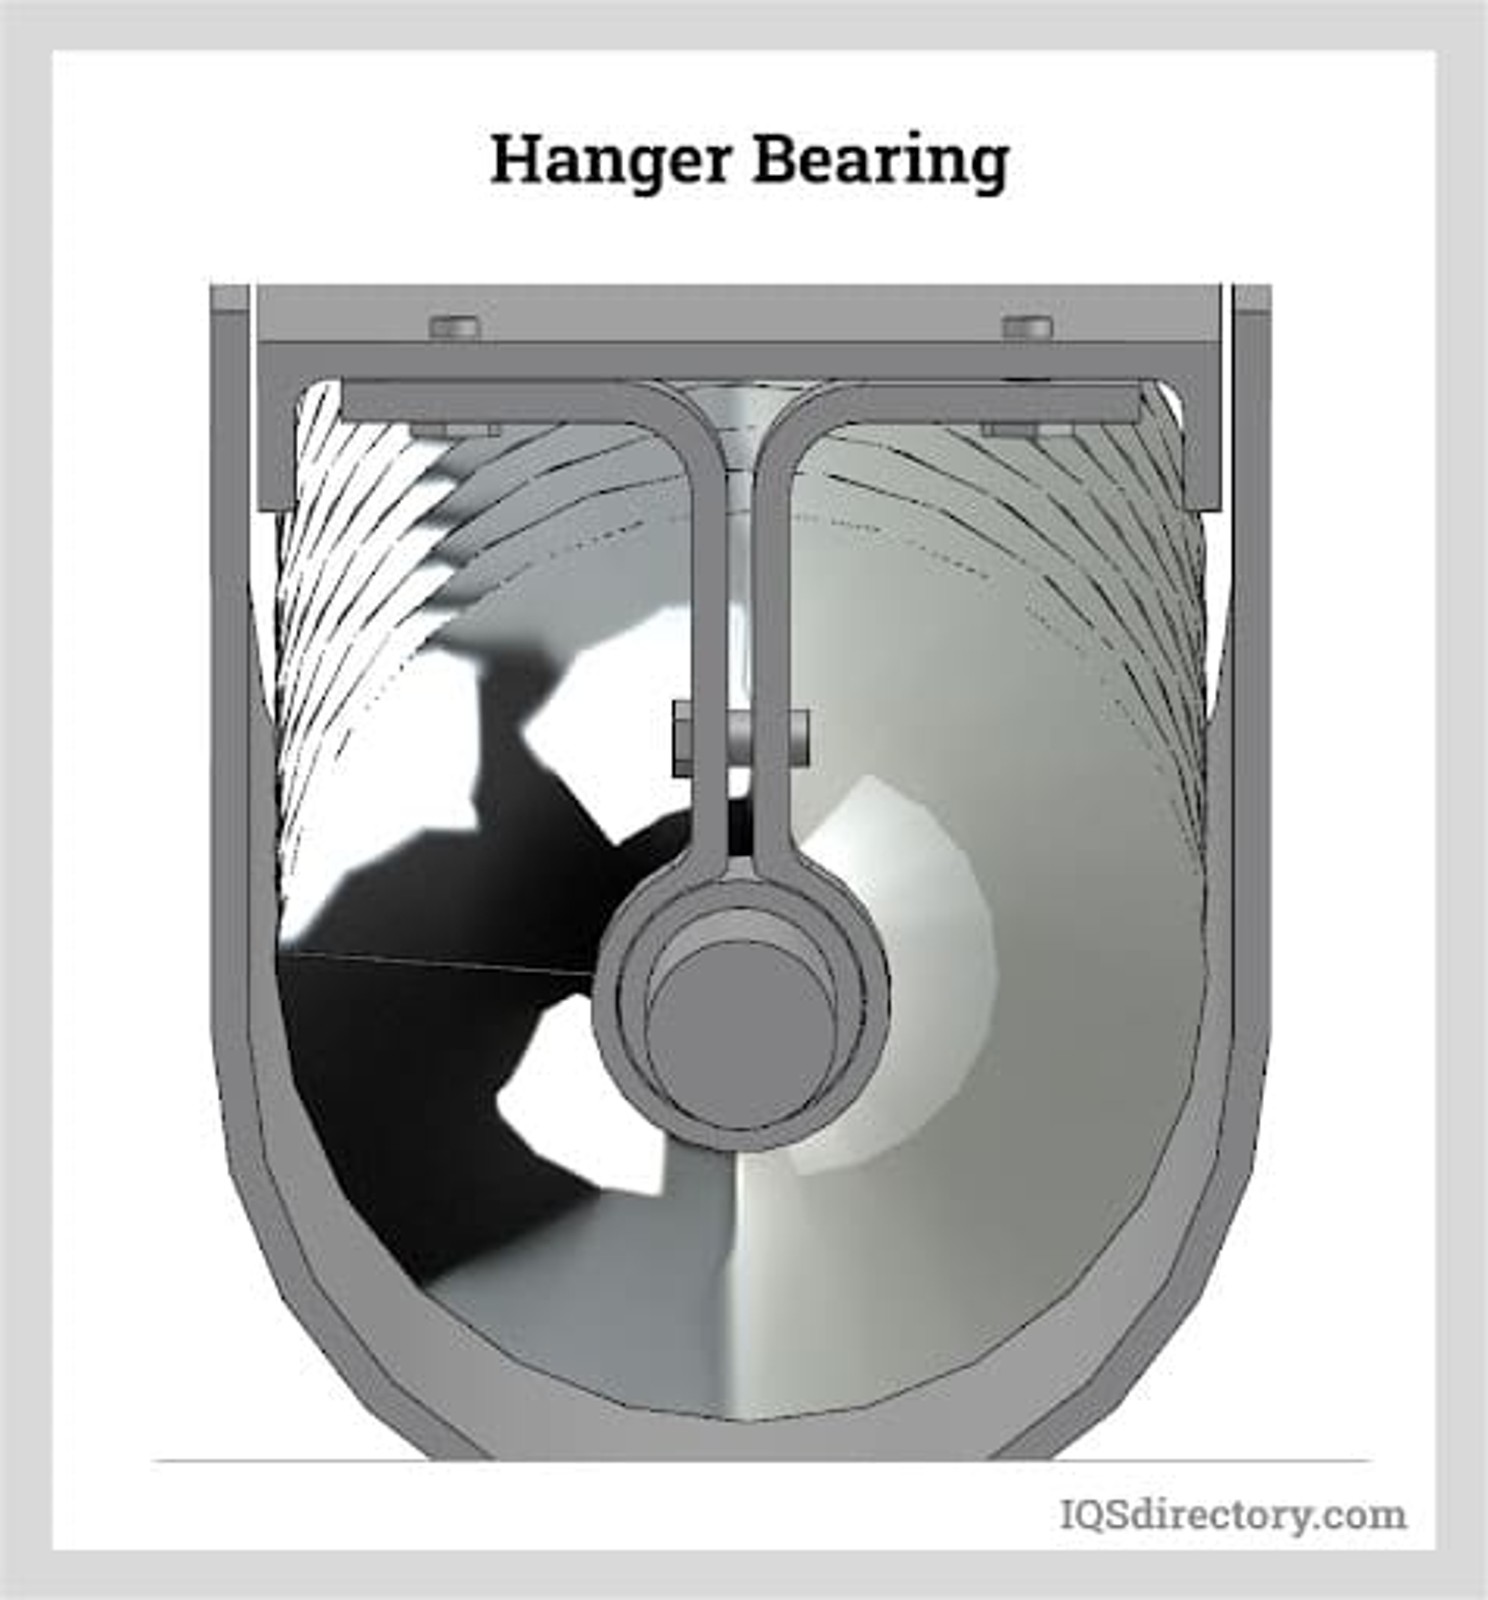 Hanger Bearing